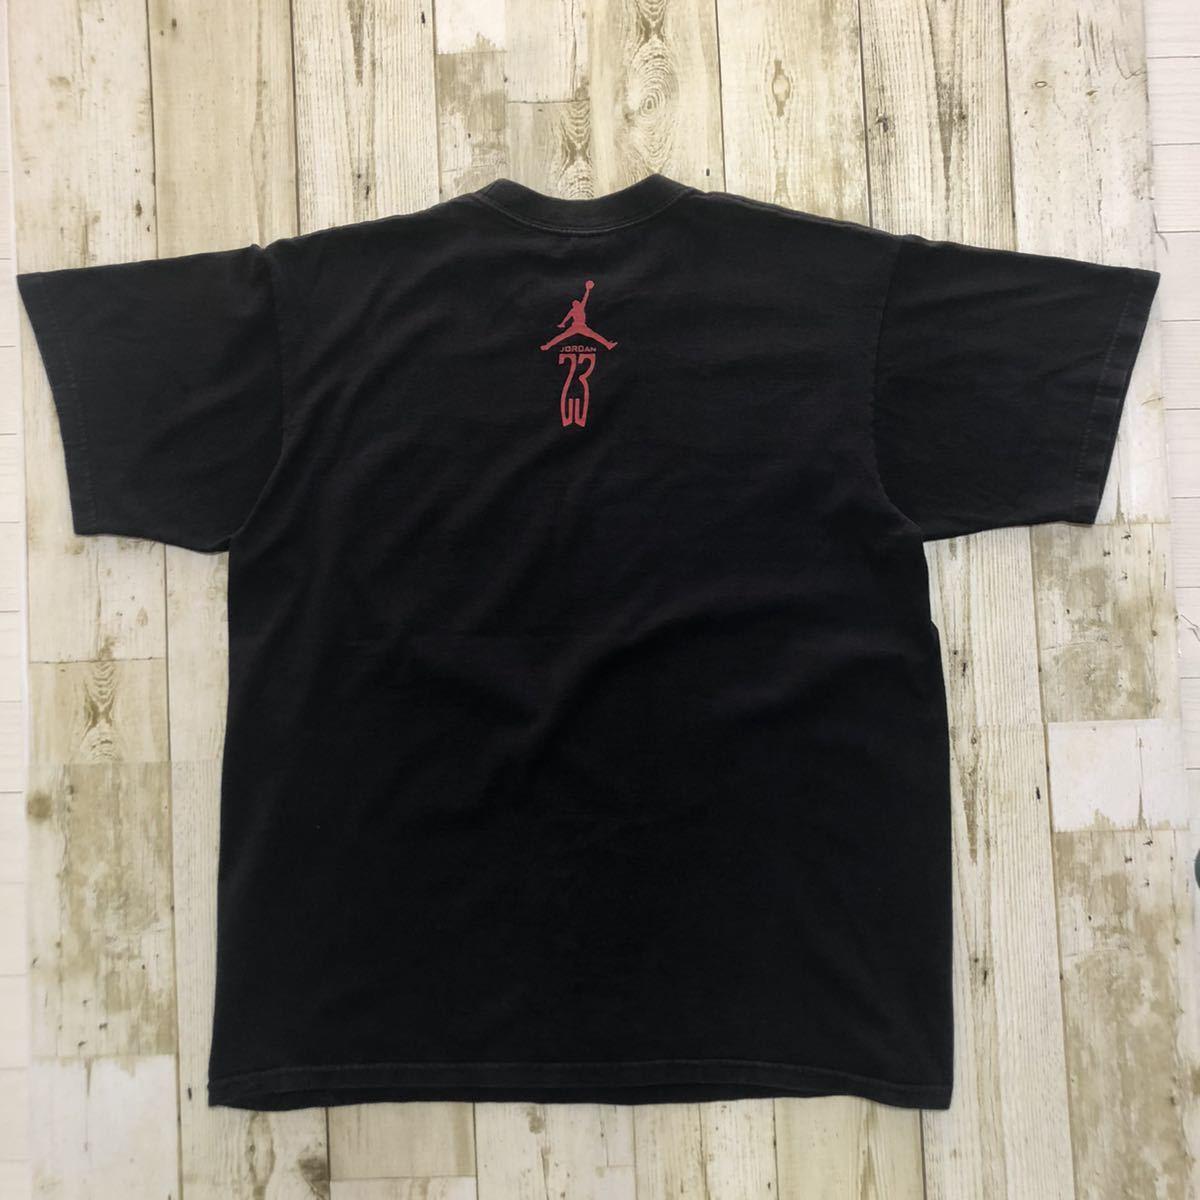 NIKE ナイキ AIRJORDAN エアジョーダン ジャンプマン ビッグロゴ ビッグプリント メンズ Tシャツ 半袖Tシャツ カットソー Tee 古着 M